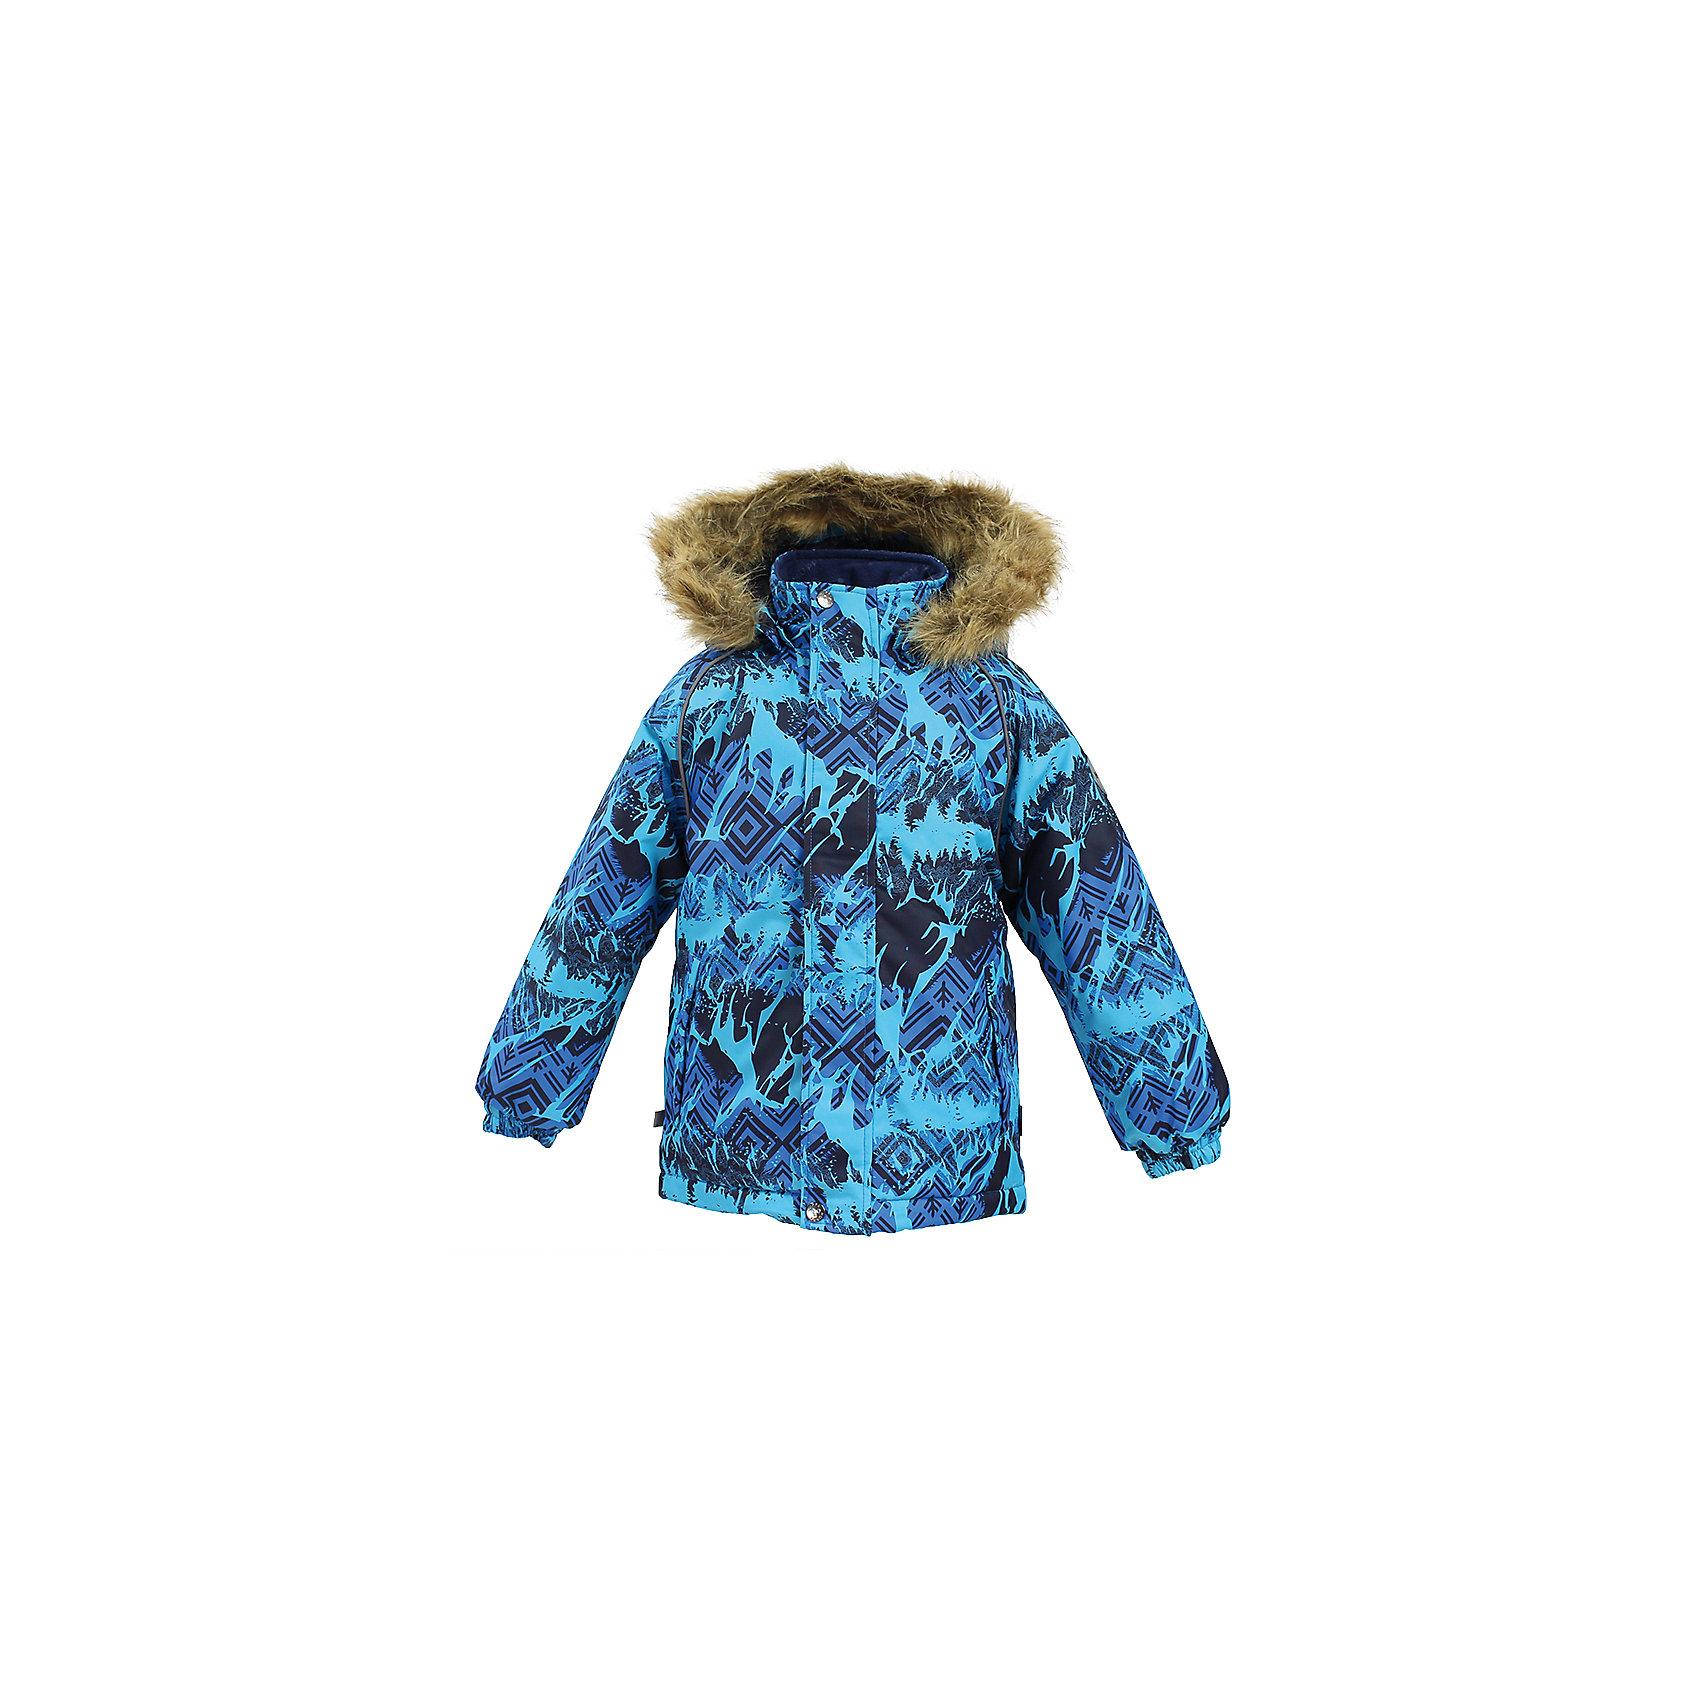 Куртка MARINEL HuppaЗимние куртки<br>Куртка для детей MARINEL.Водо и воздухонепроницаемость 10 000. Утеплитель 300 гр. Подкладка тафта, флис 100% полиэстер. Отстегивающийся капюшон с мехом. Манжеты рукавов на резинке. Имеются светоотражательные детали.<br>Состав:<br>100% Полиэстер<br><br>Ширина мм: 356<br>Глубина мм: 10<br>Высота мм: 245<br>Вес г: 519<br>Цвет: синий<br>Возраст от месяцев: 108<br>Возраст до месяцев: 120<br>Пол: Унисекс<br>Возраст: Детский<br>Размер: 140,110,116,122,128,134<br>SKU: 7027400